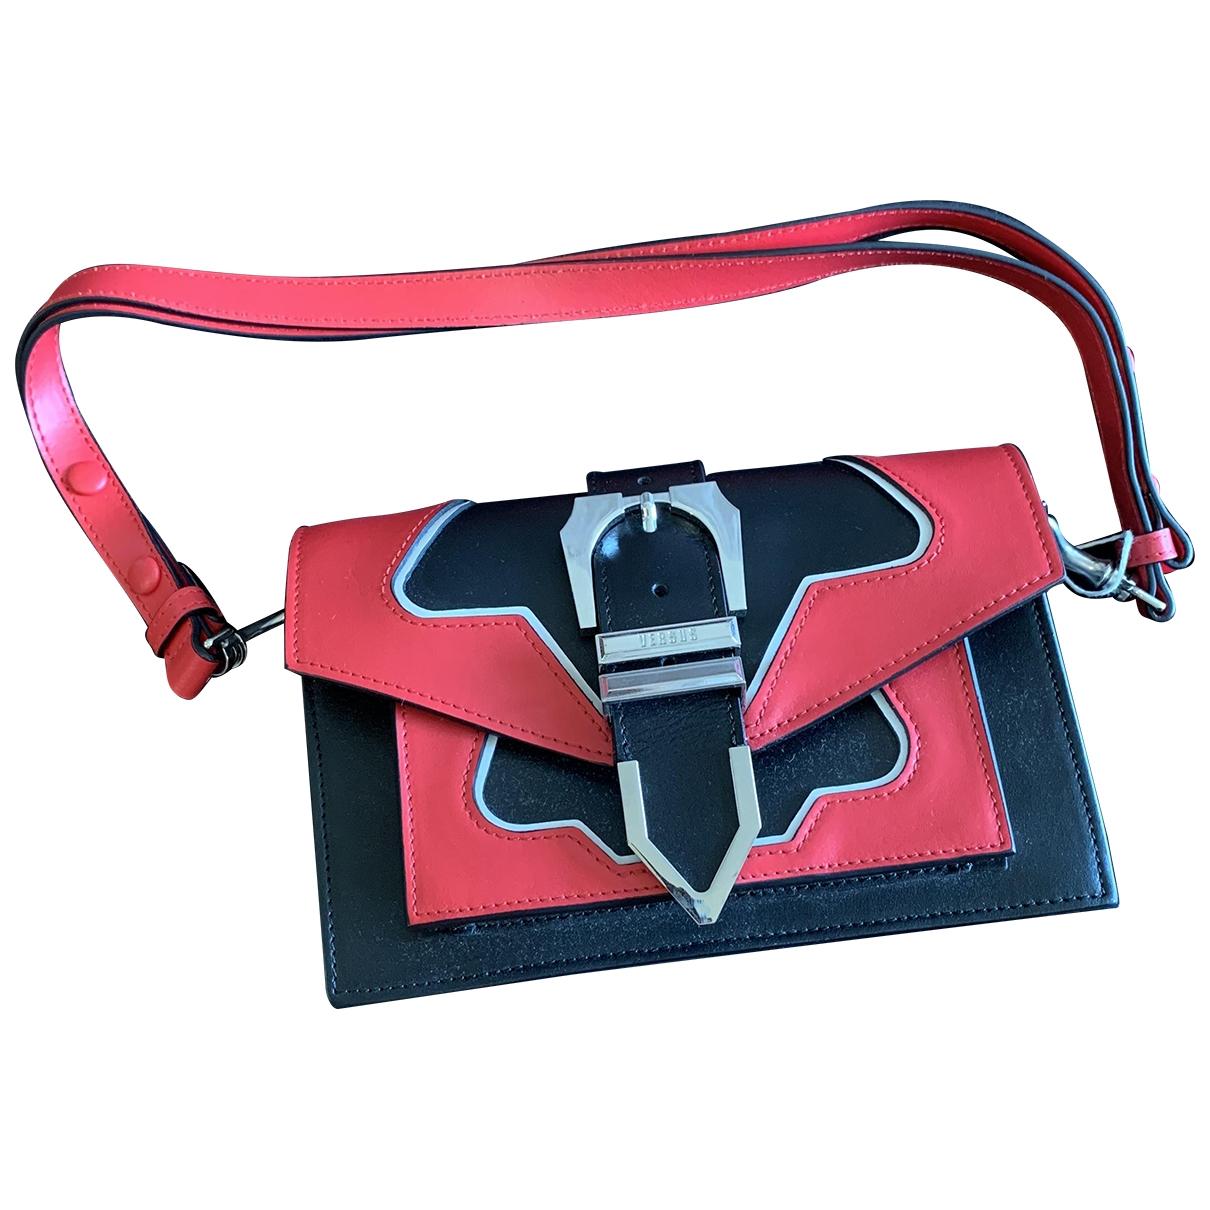 Versus \N Black Leather Clutch bag for Women \N